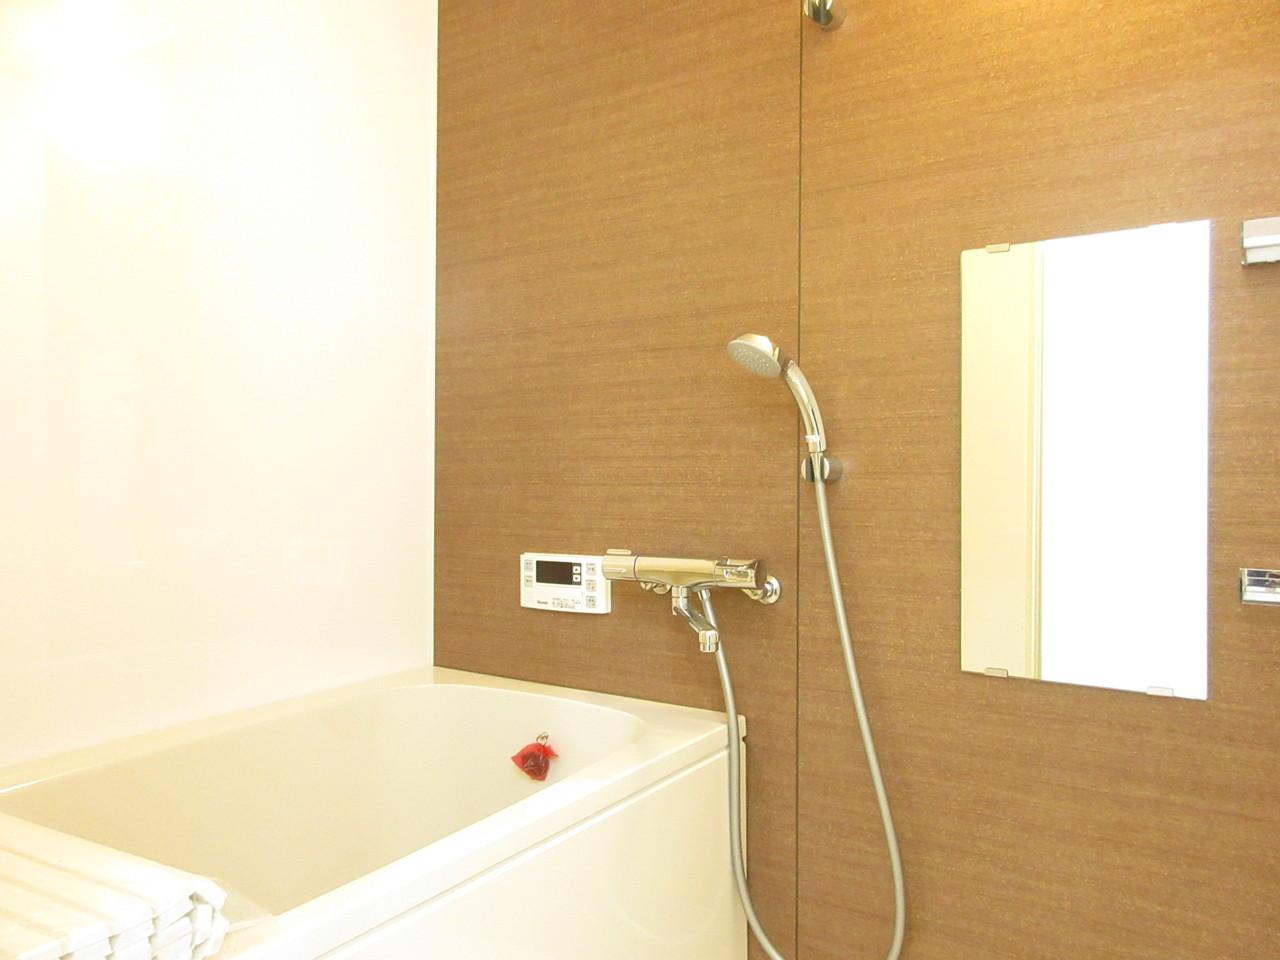 浴室もお洒落♪大人な雰囲気で落ち着いてバスタイムを楽しめそうです(^^)